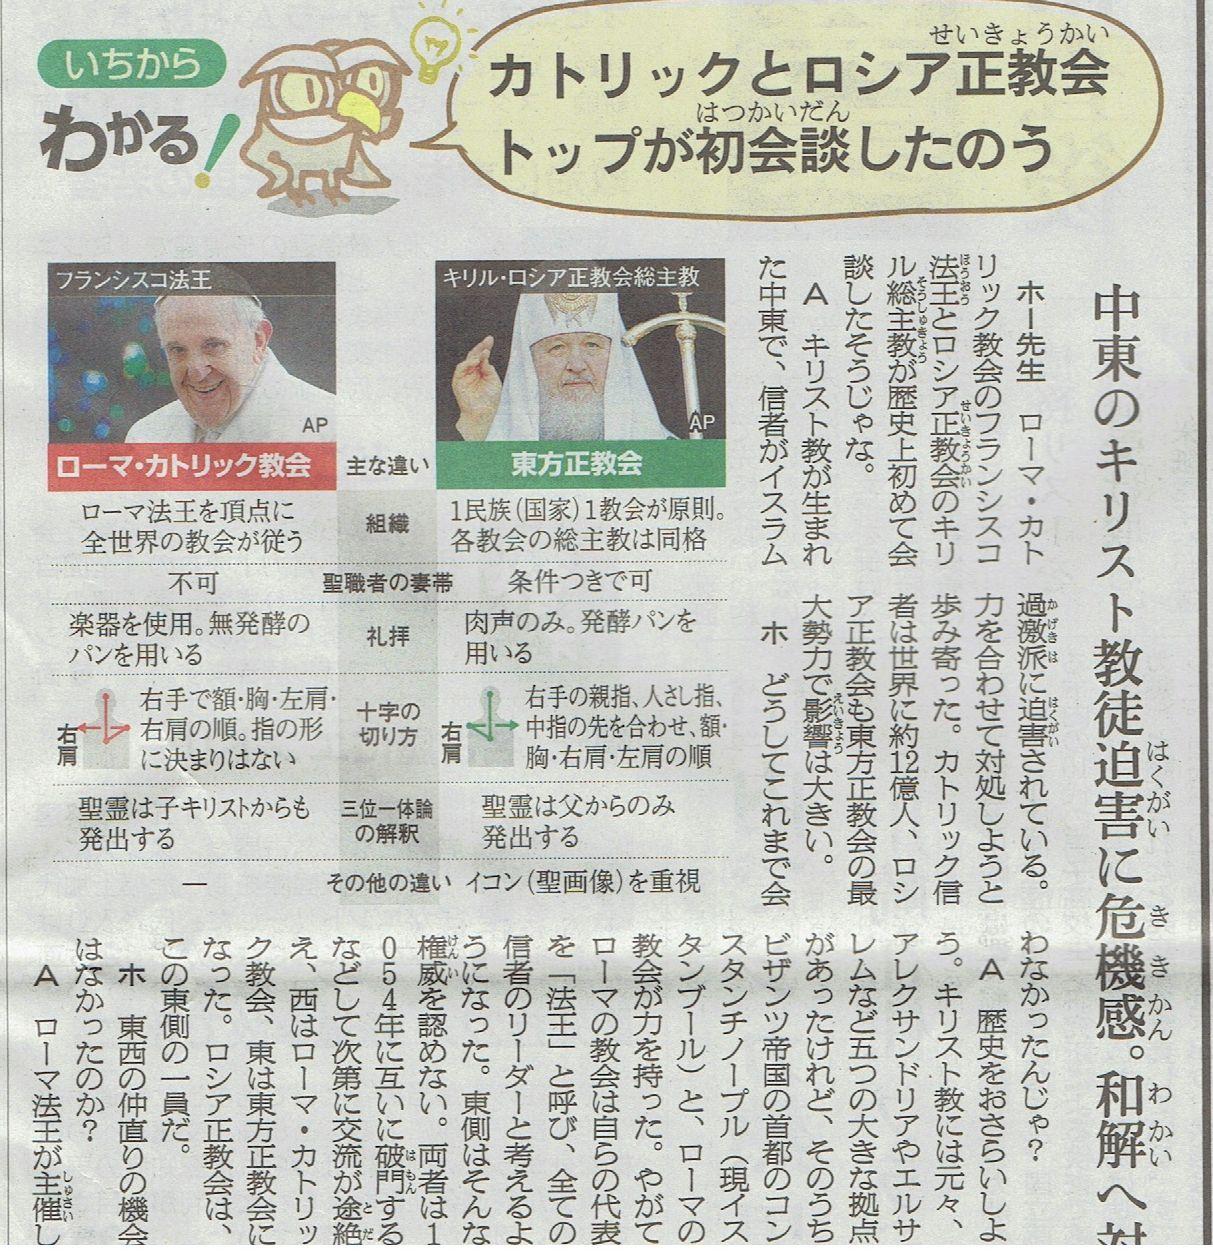 2016年2月26日 2016年茨城沖縄県人会第20回定期総会・新年会 その15_d0249595_7151356.jpg